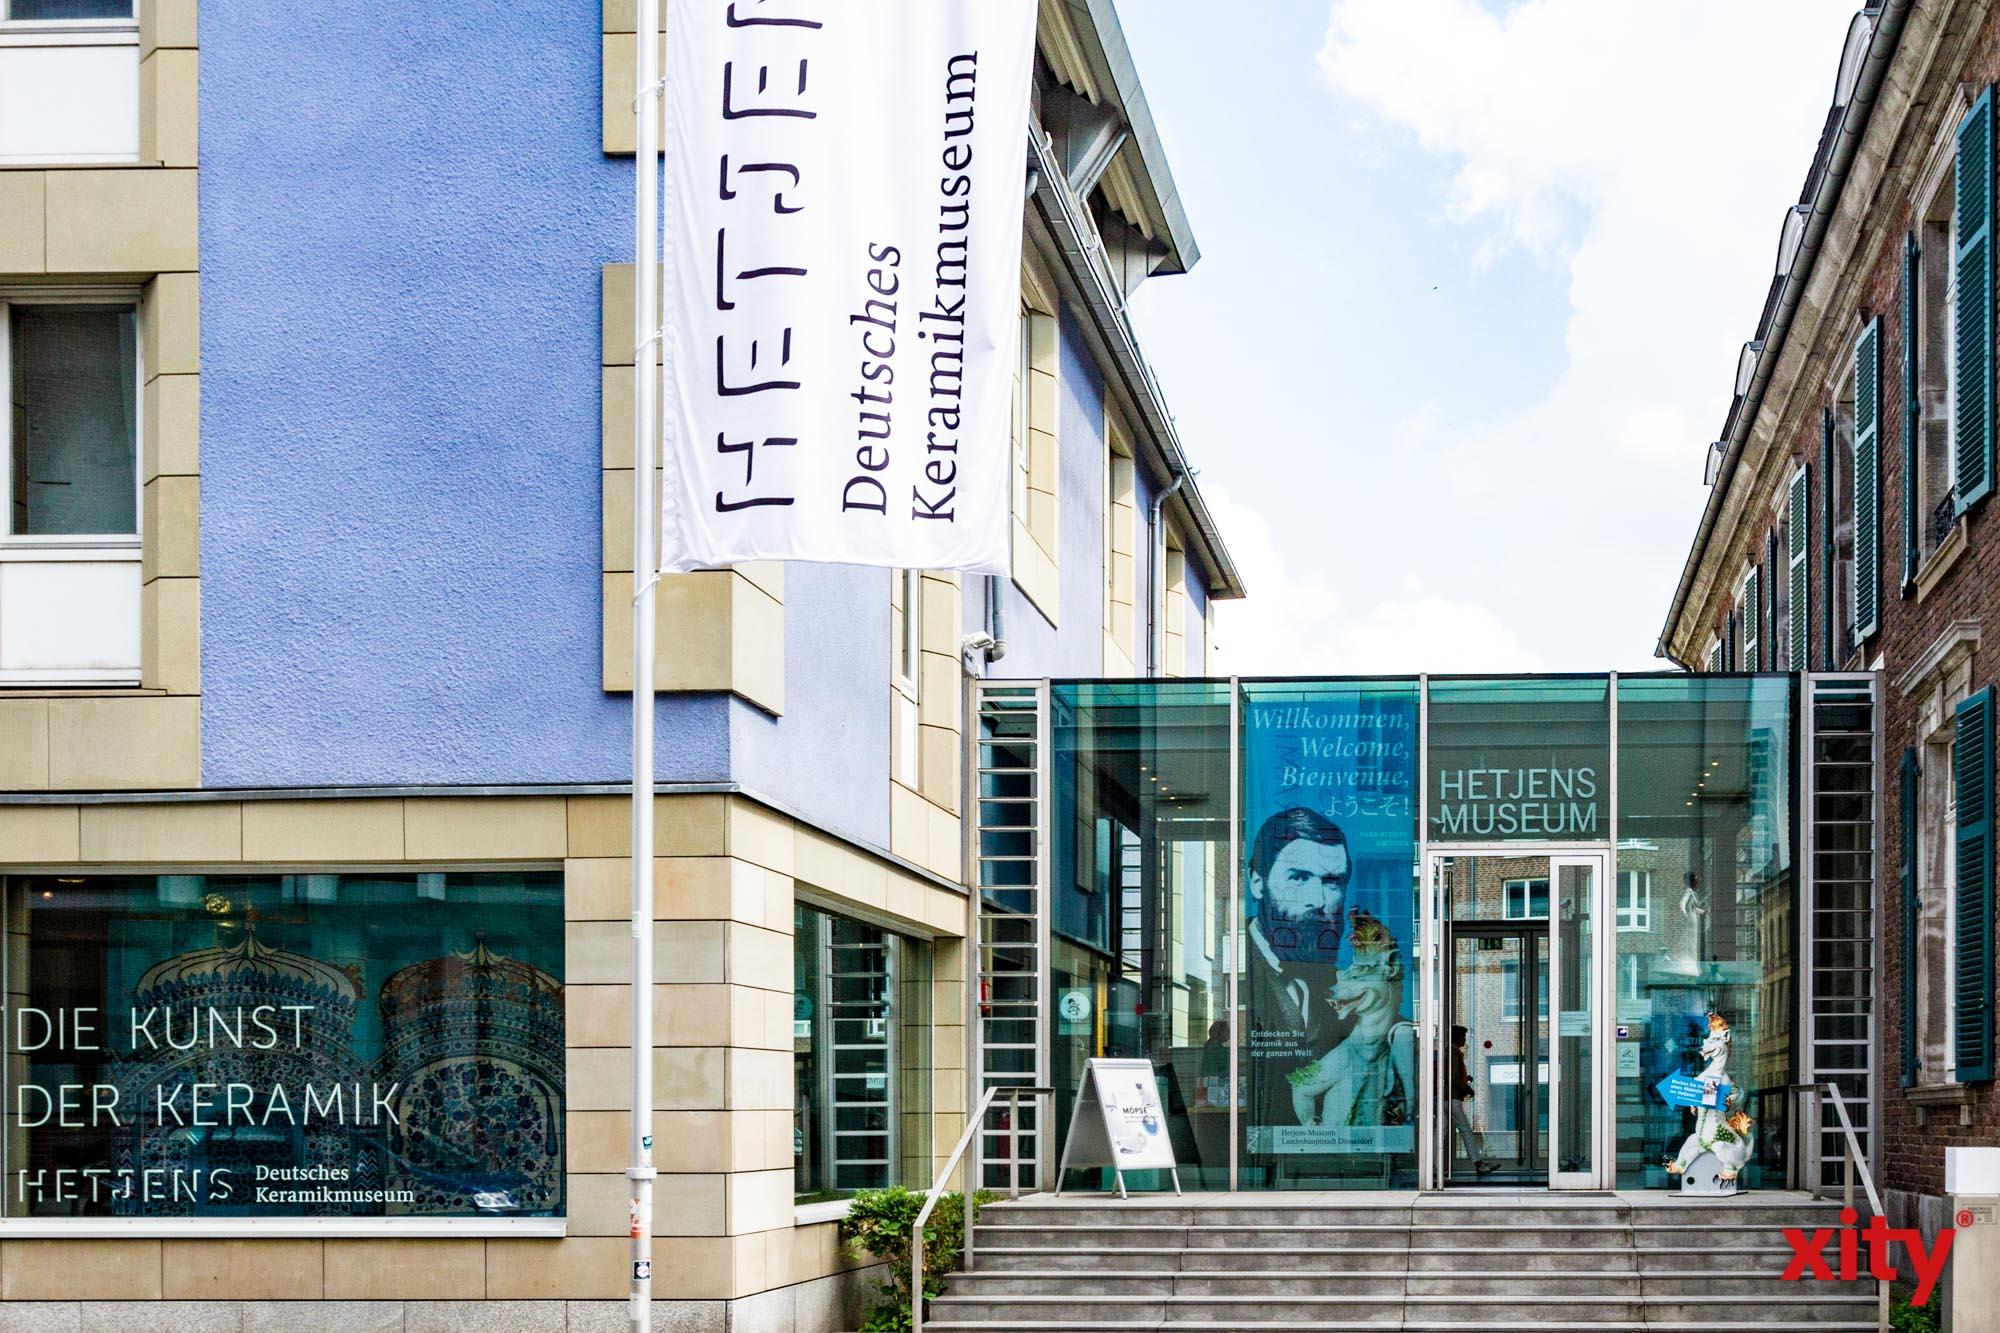 Vortrag im Hetjens-Museum Düsseldorf (Foto: xity)